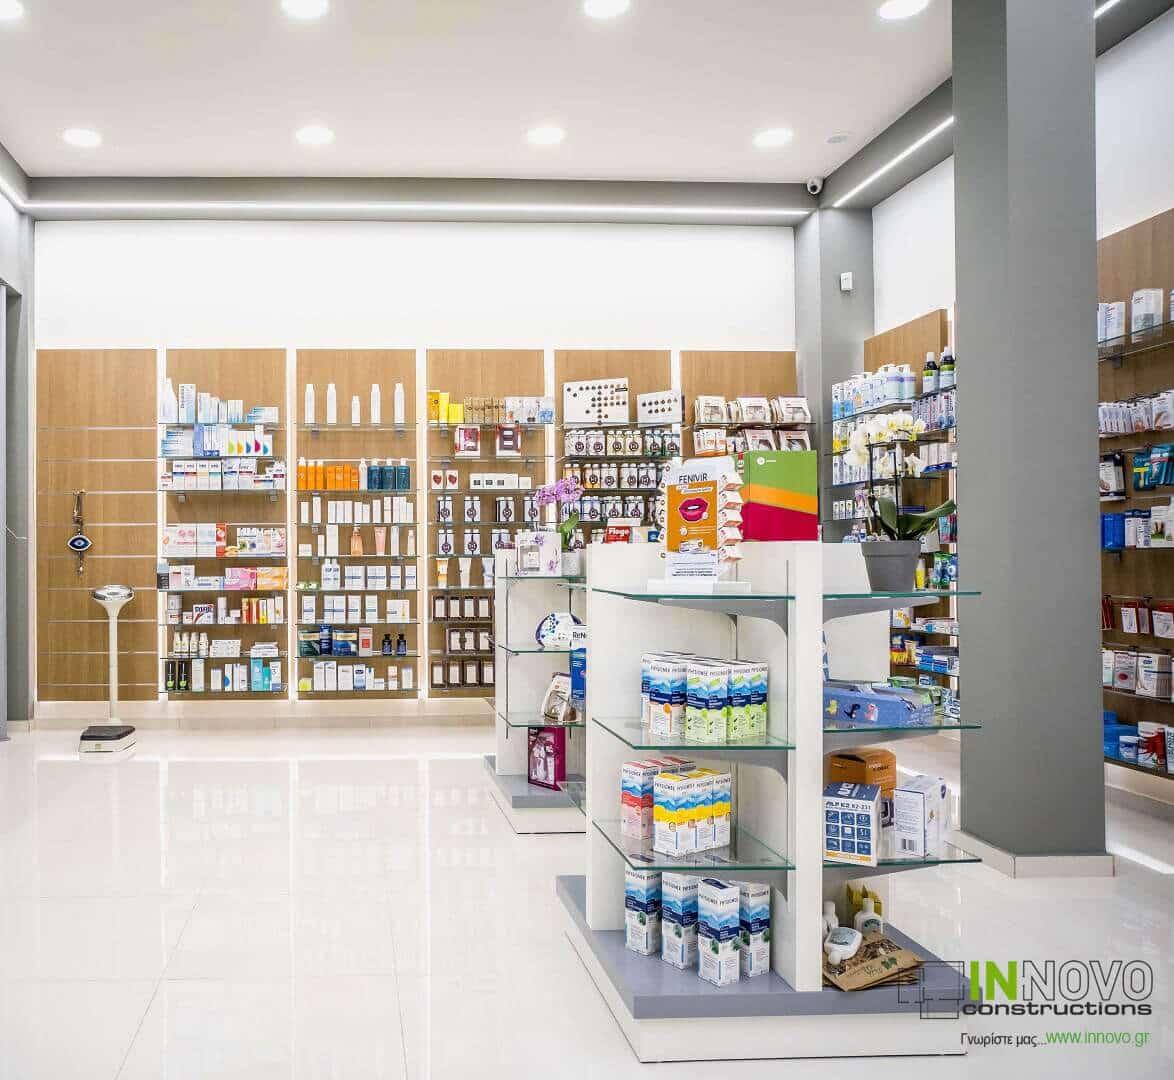 Σχεδιασμός διακόσμησης φαρμακείου Ηλιούπολη από την Innovo Constructions